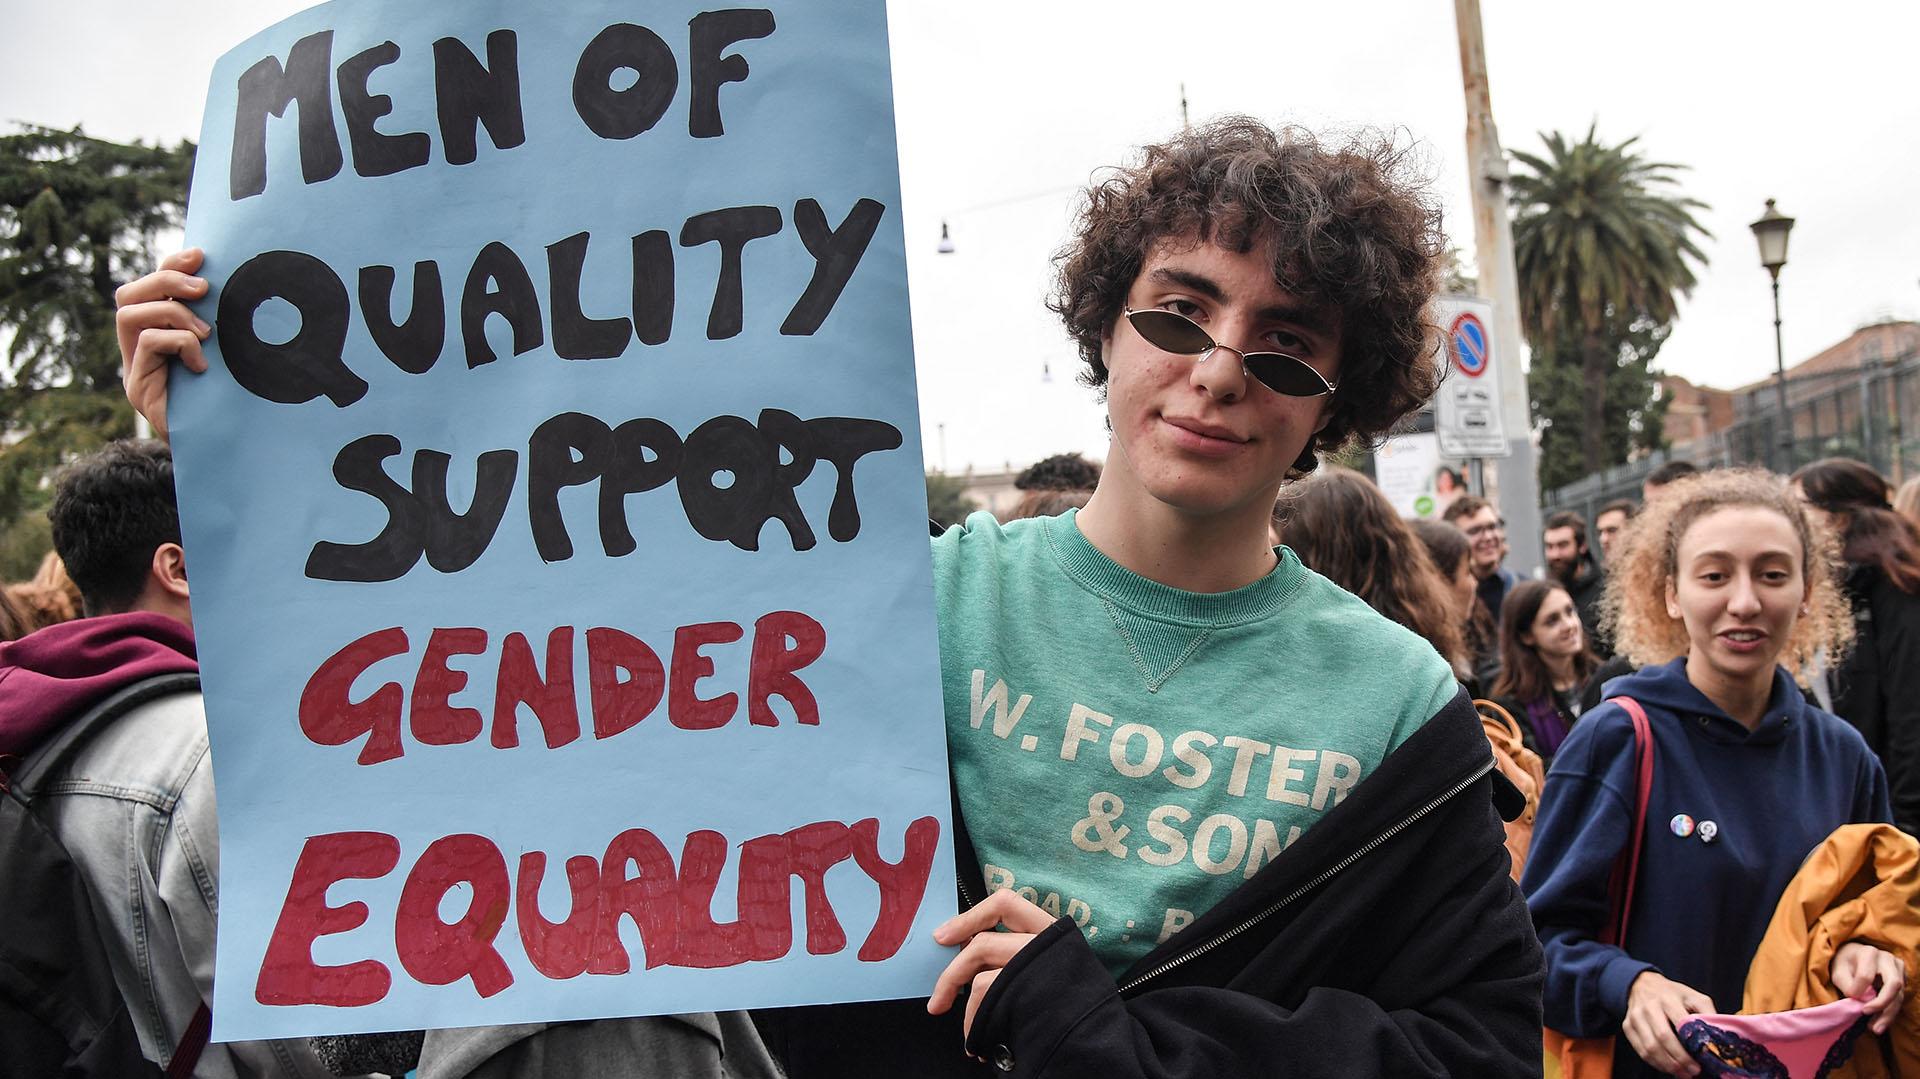 Los hombres también se acercaron a las manifestaciones para respaldar la lucha igualitaria